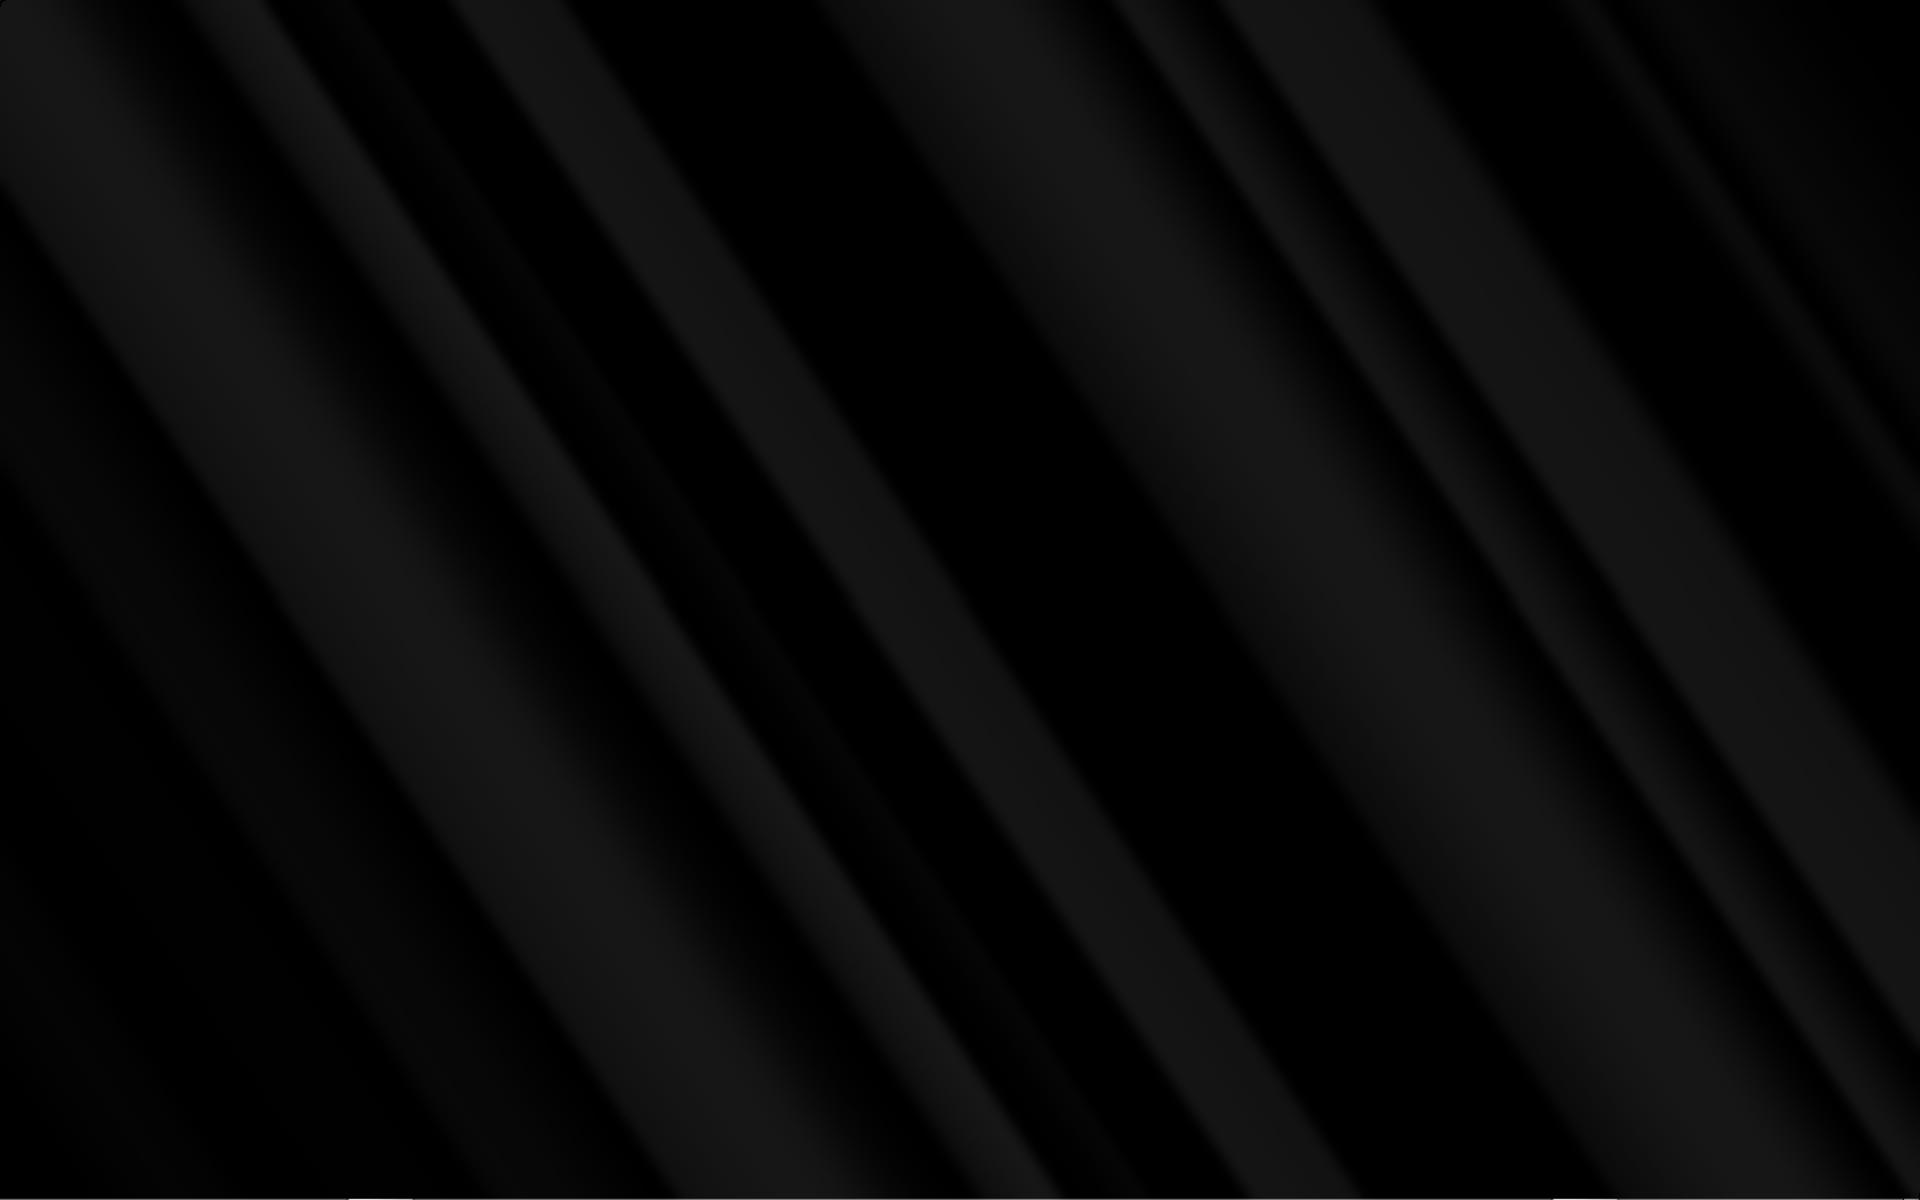 plain black wallpapers hd - wallpapersafari